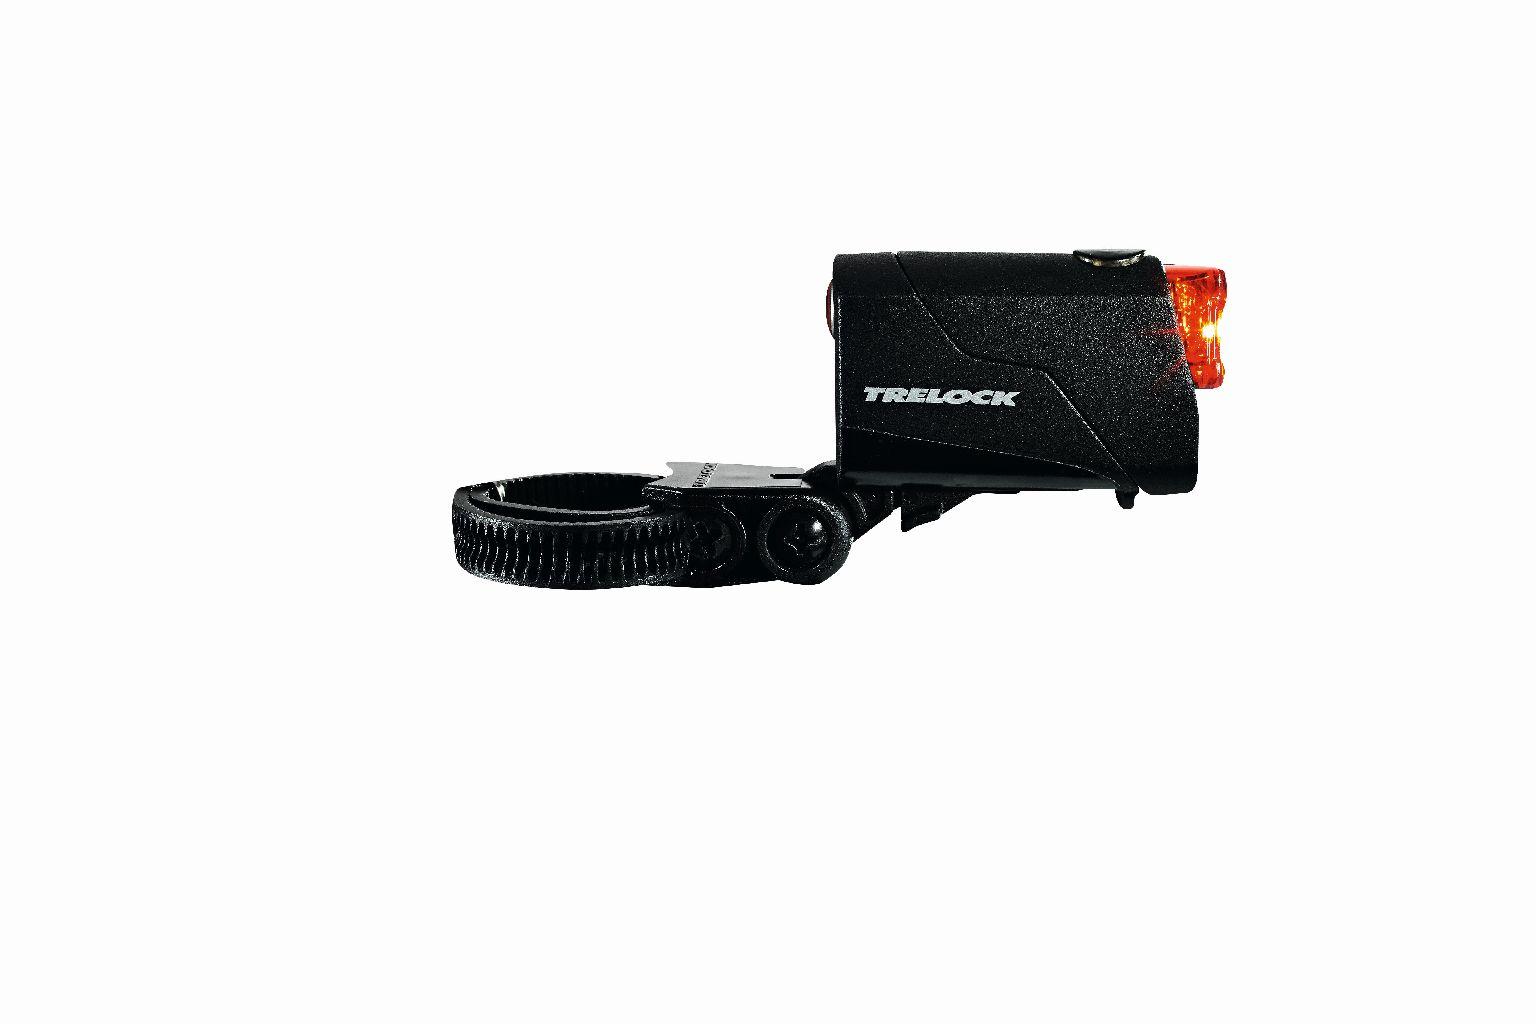 Trelock LED Rücklicht LS 720 REEGO® Akku - Bikedreams & Dustbikes